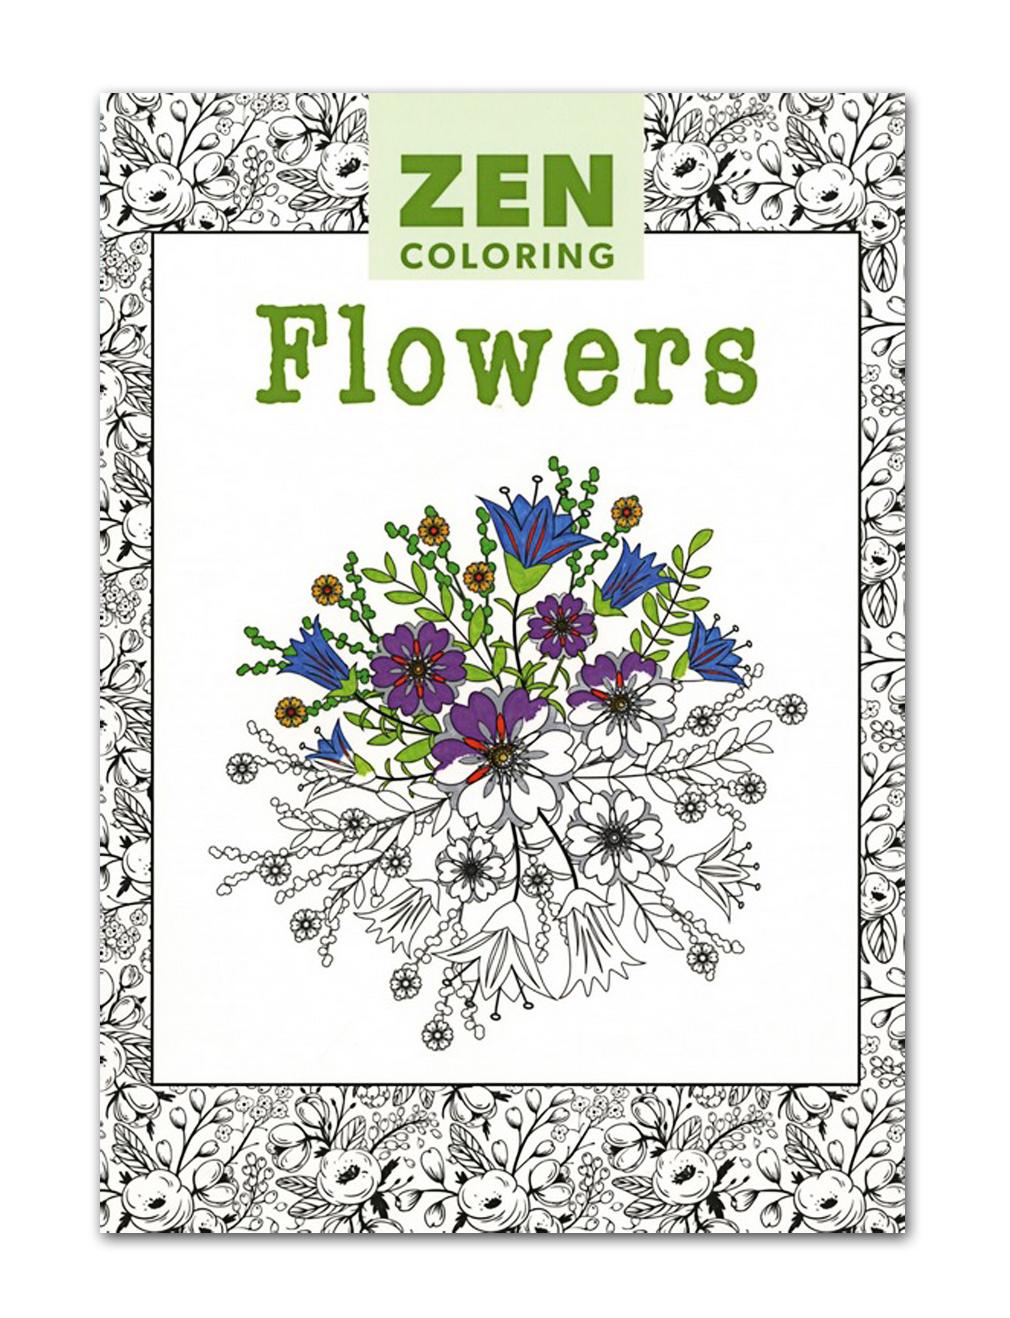 - Zen Coloring Book: Flowers Walmart Canada